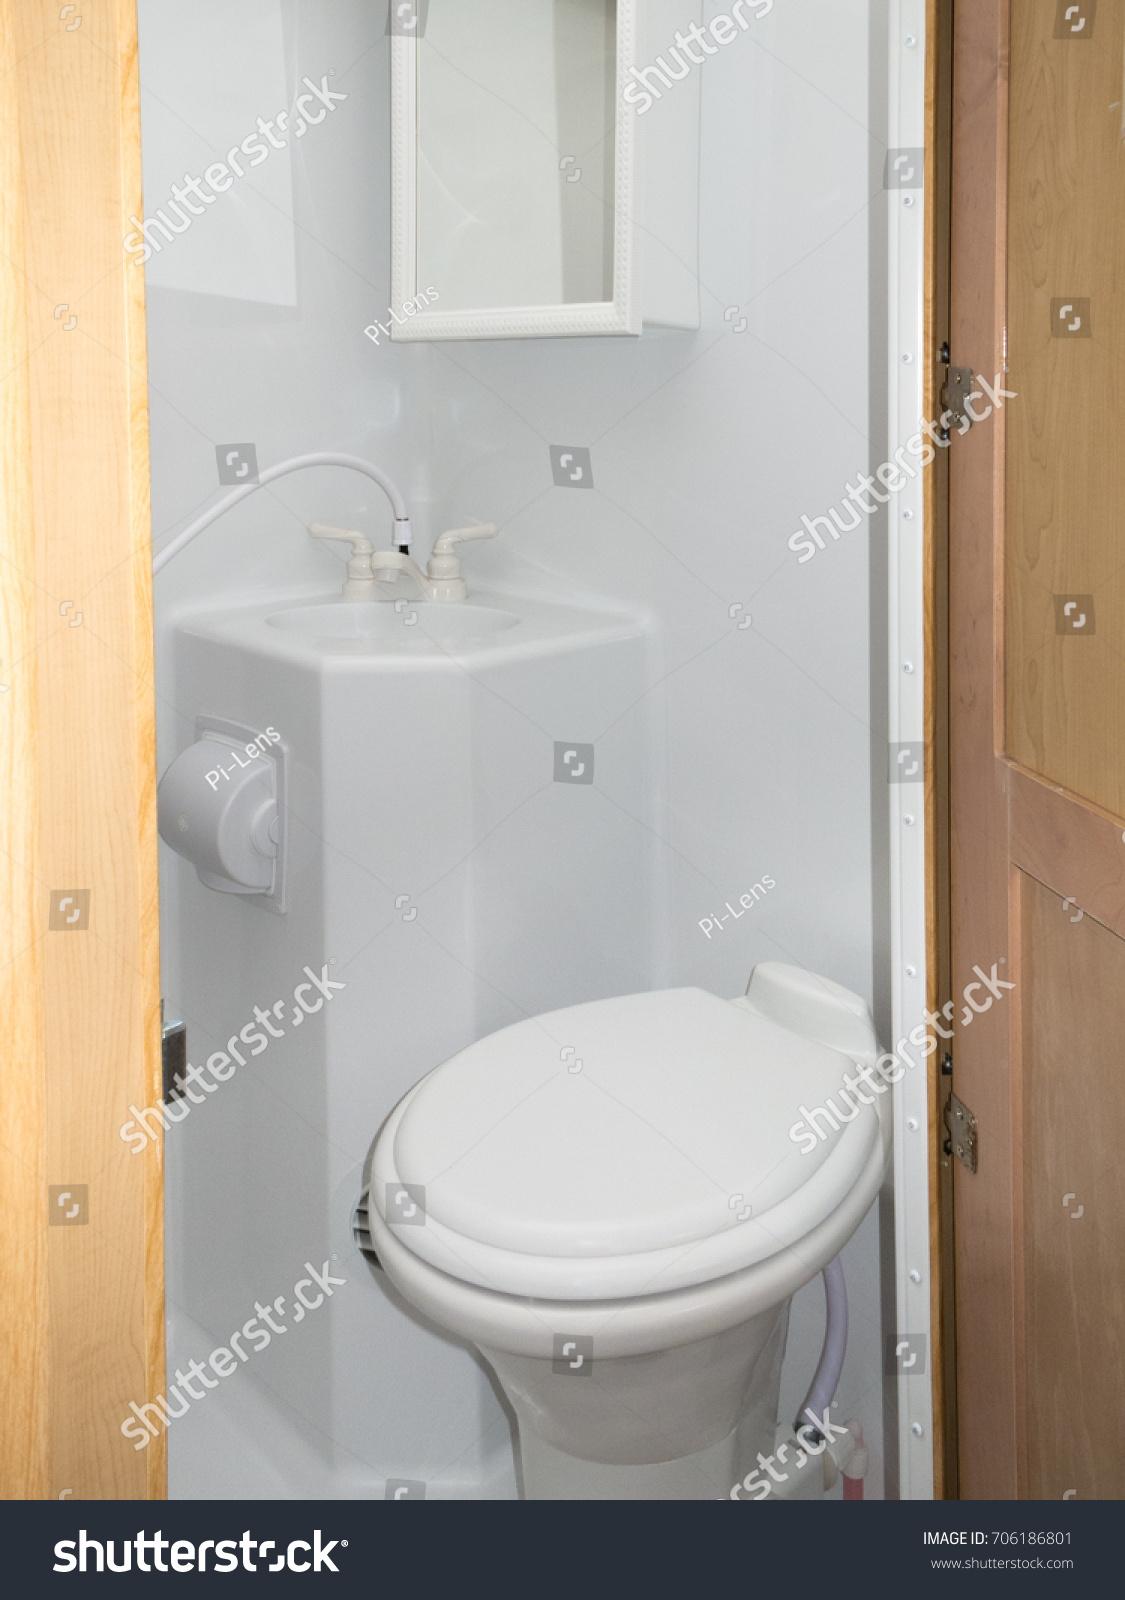 Interior Toilet Sink Shower Cabinet Wet Stock Photo 706186801 ...